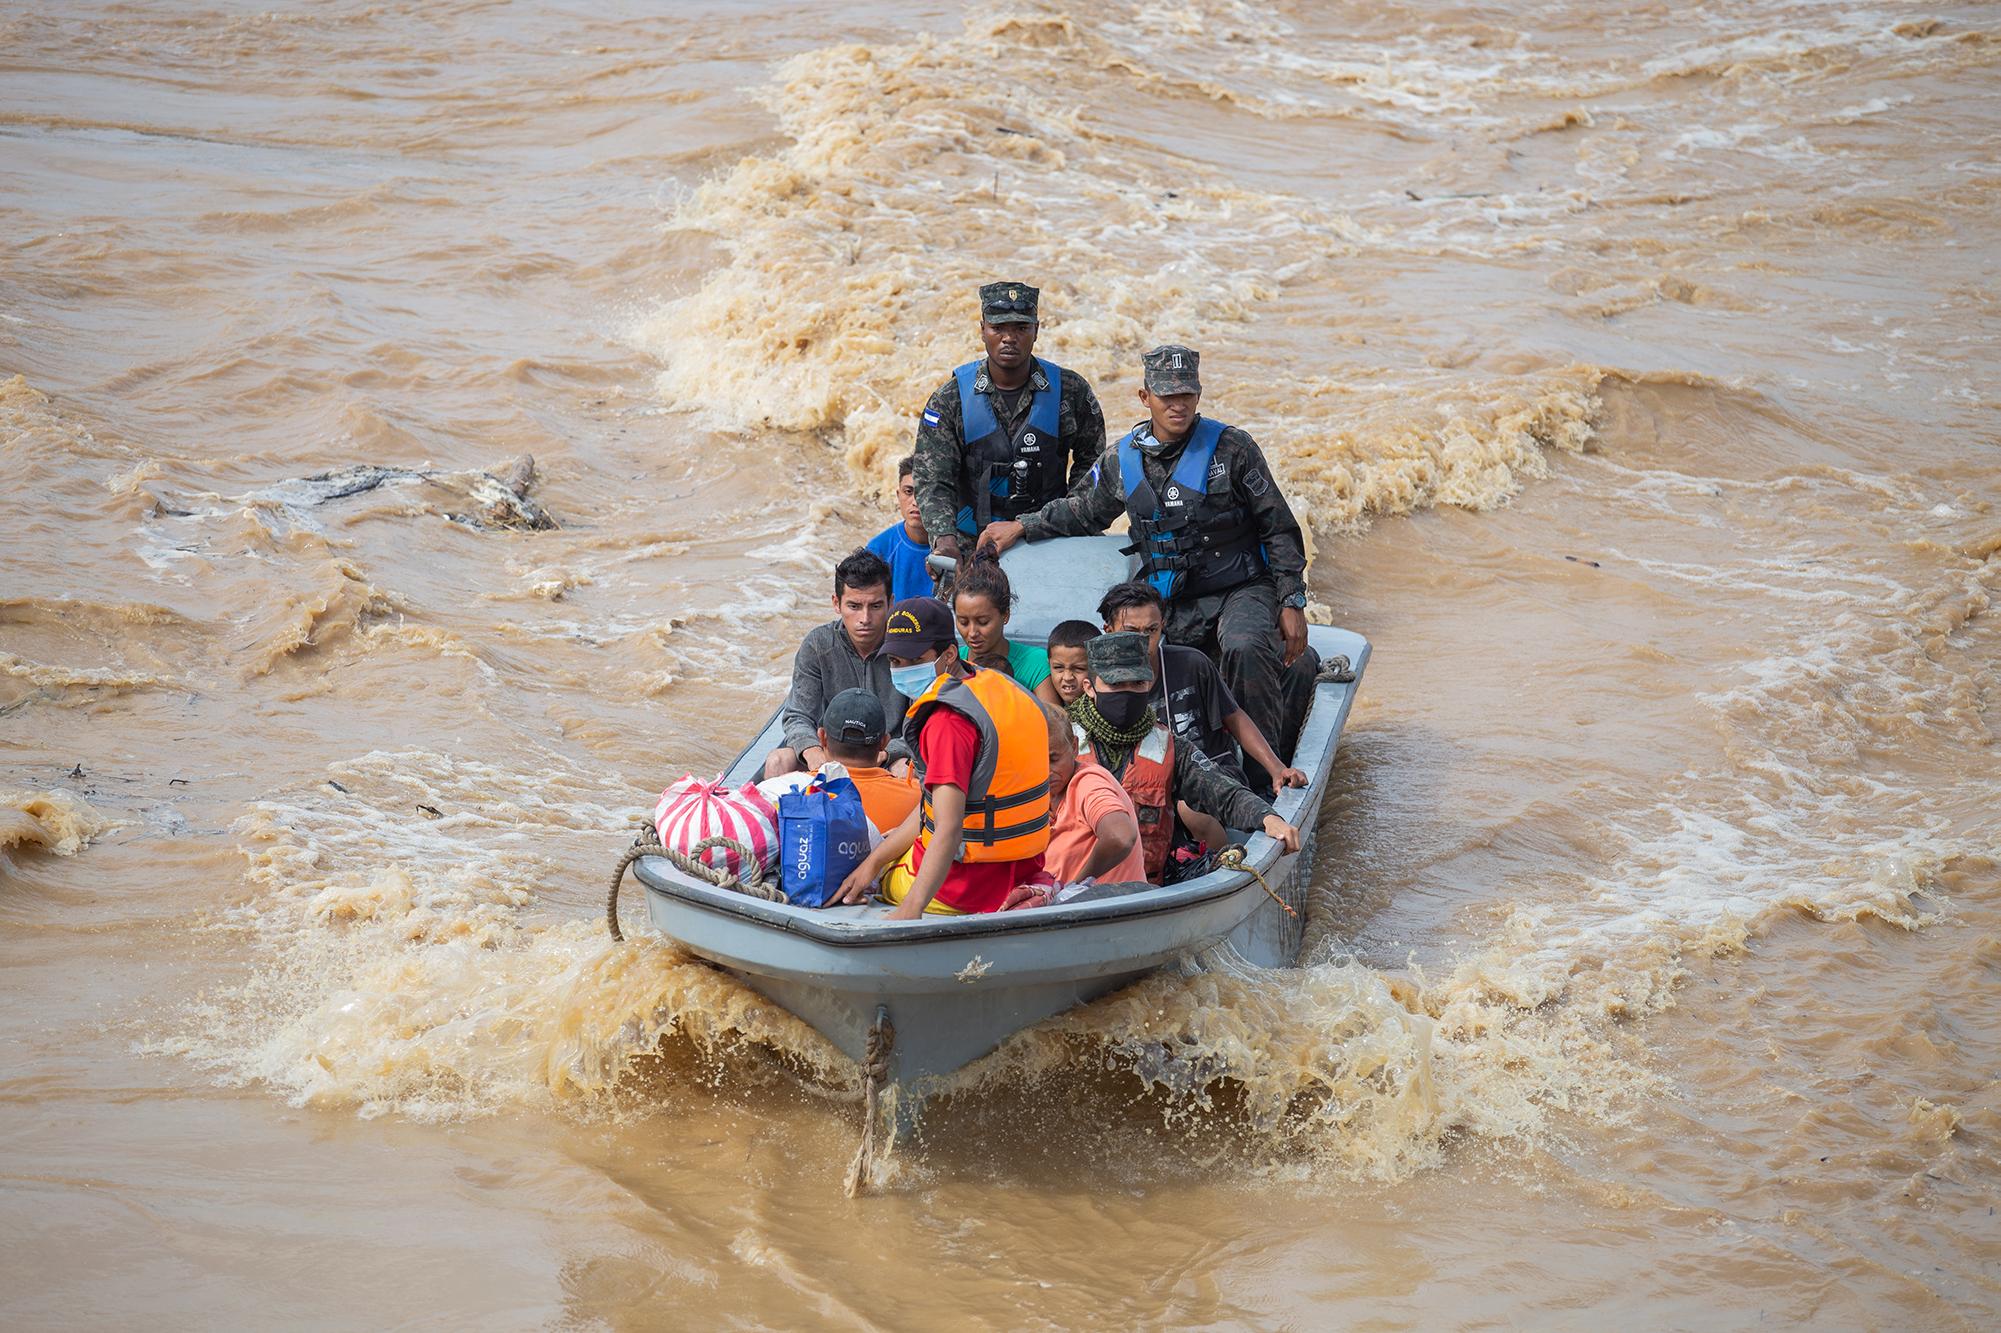 La Fuerza Naval de Honduras y el Cuerpo de Bomberos del municipio de El Progreso, en labores de rescate de personas afectadas por las inundaciones en la Aldea El Socorro, Finca Ocho. El Progreso, Yoro, 18 de noviembre de 2020. Foto: Martín Cálix.